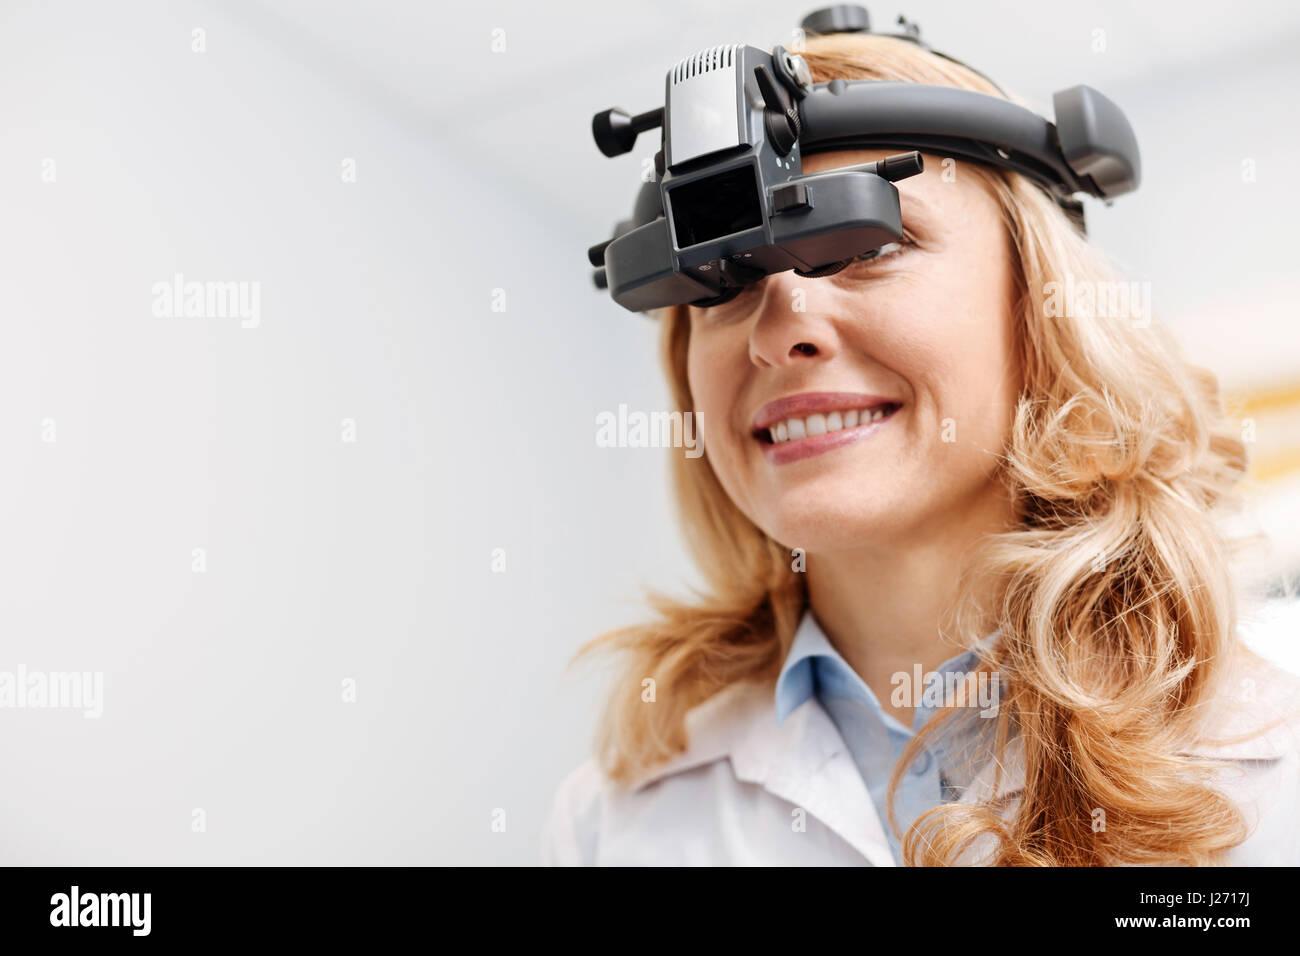 Piuttosto dedicato specialista prominente indossando oftalmoscopio Immagini Stock